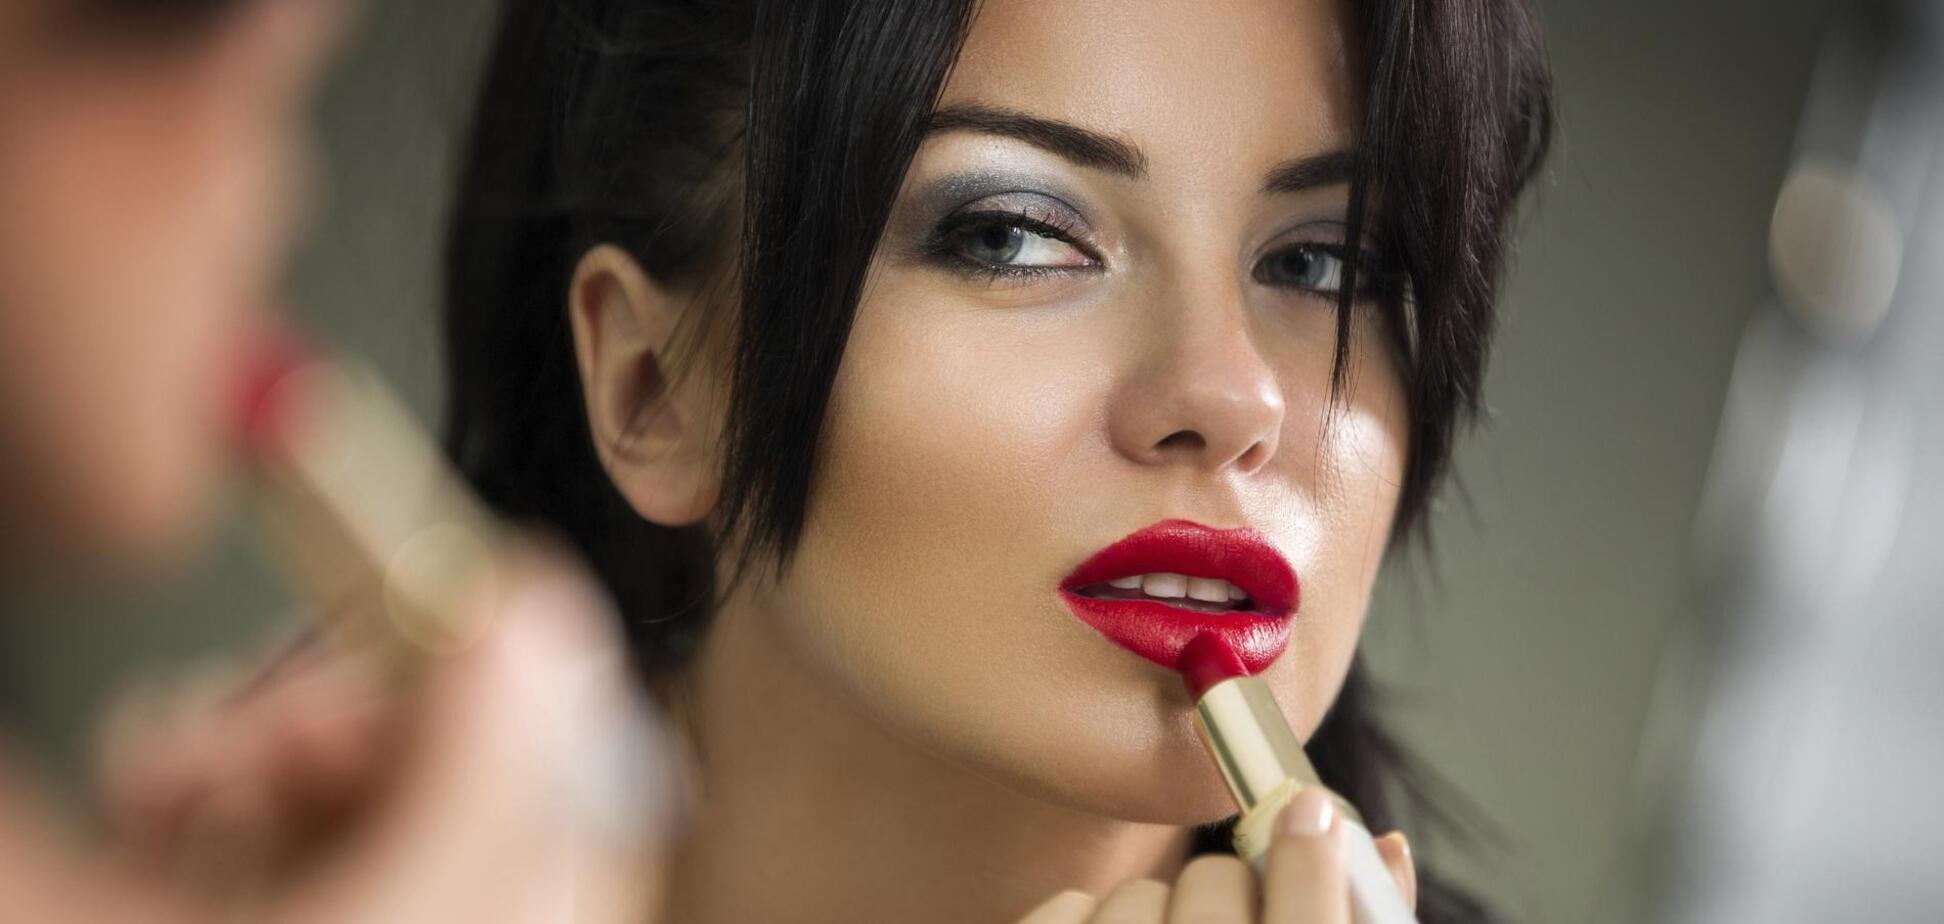 Названы 4 главных ошибки в макияже губ, которые делают образ дешевым